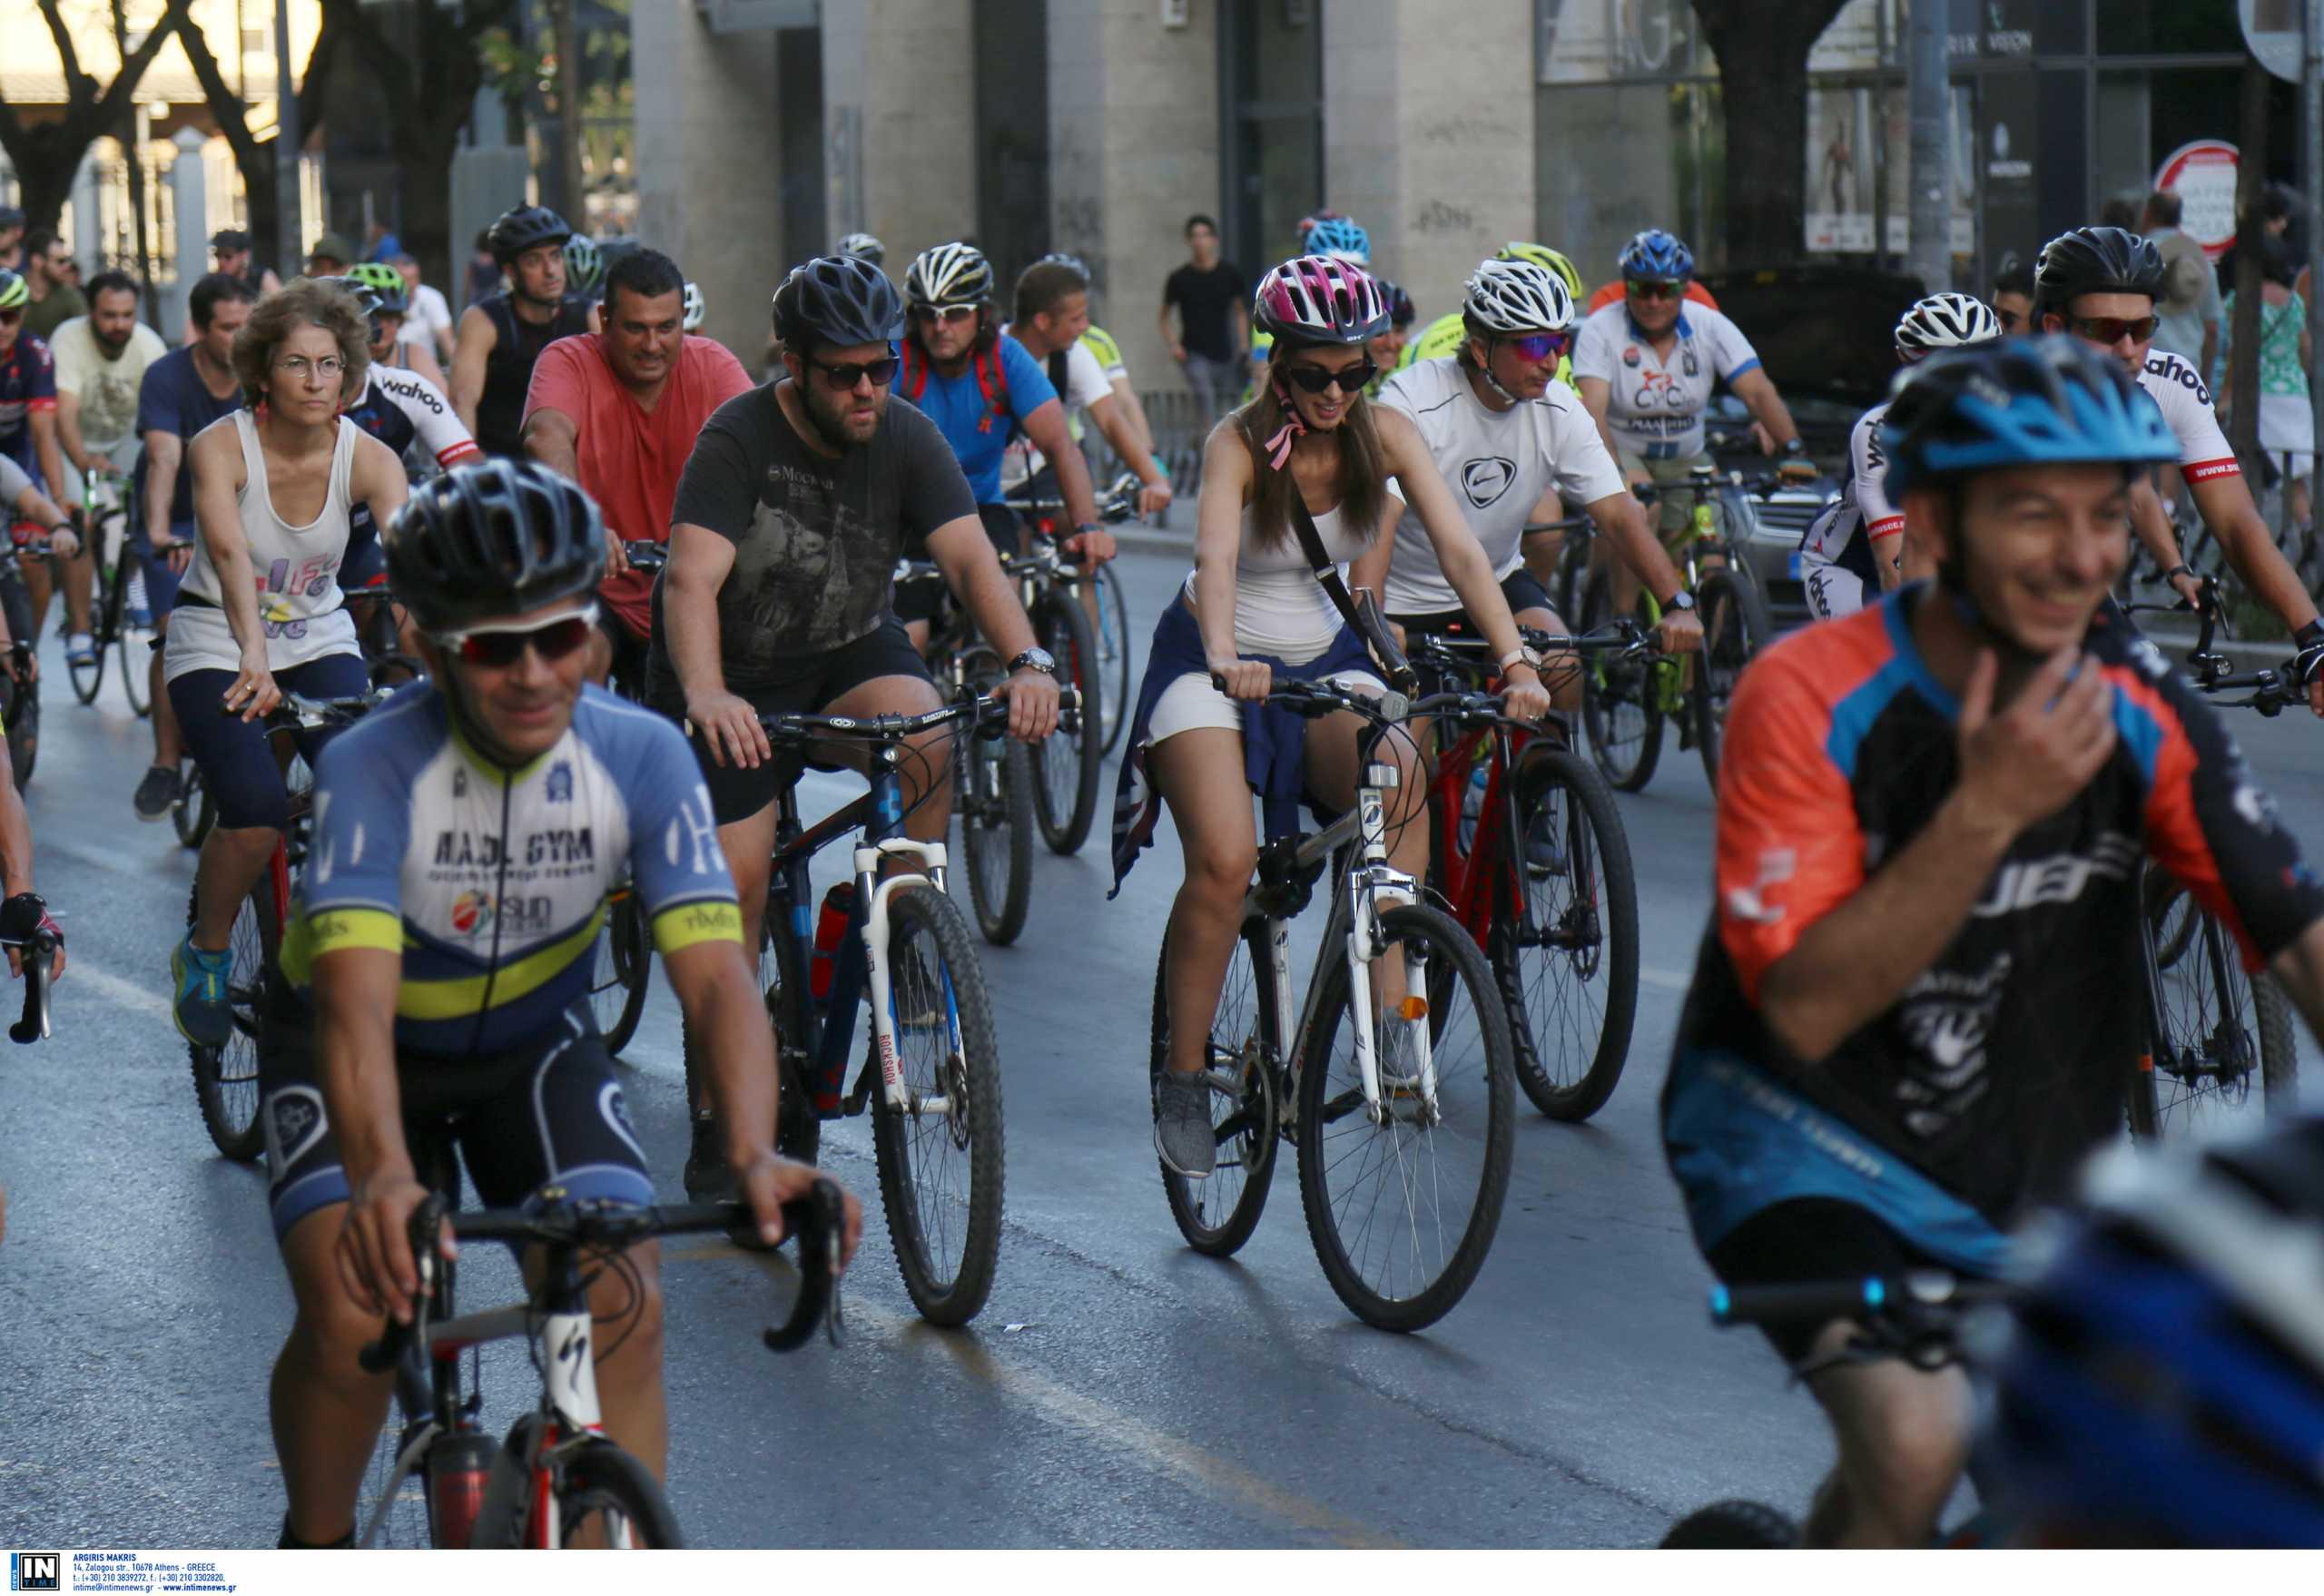 32η Ποδηλατική Σπαρτακιάδα: Κυκλοφοριακές ρυθμίσεις στο κέντρο της Αθήνας – Ποιοι δρόμοι θα κλείσουν